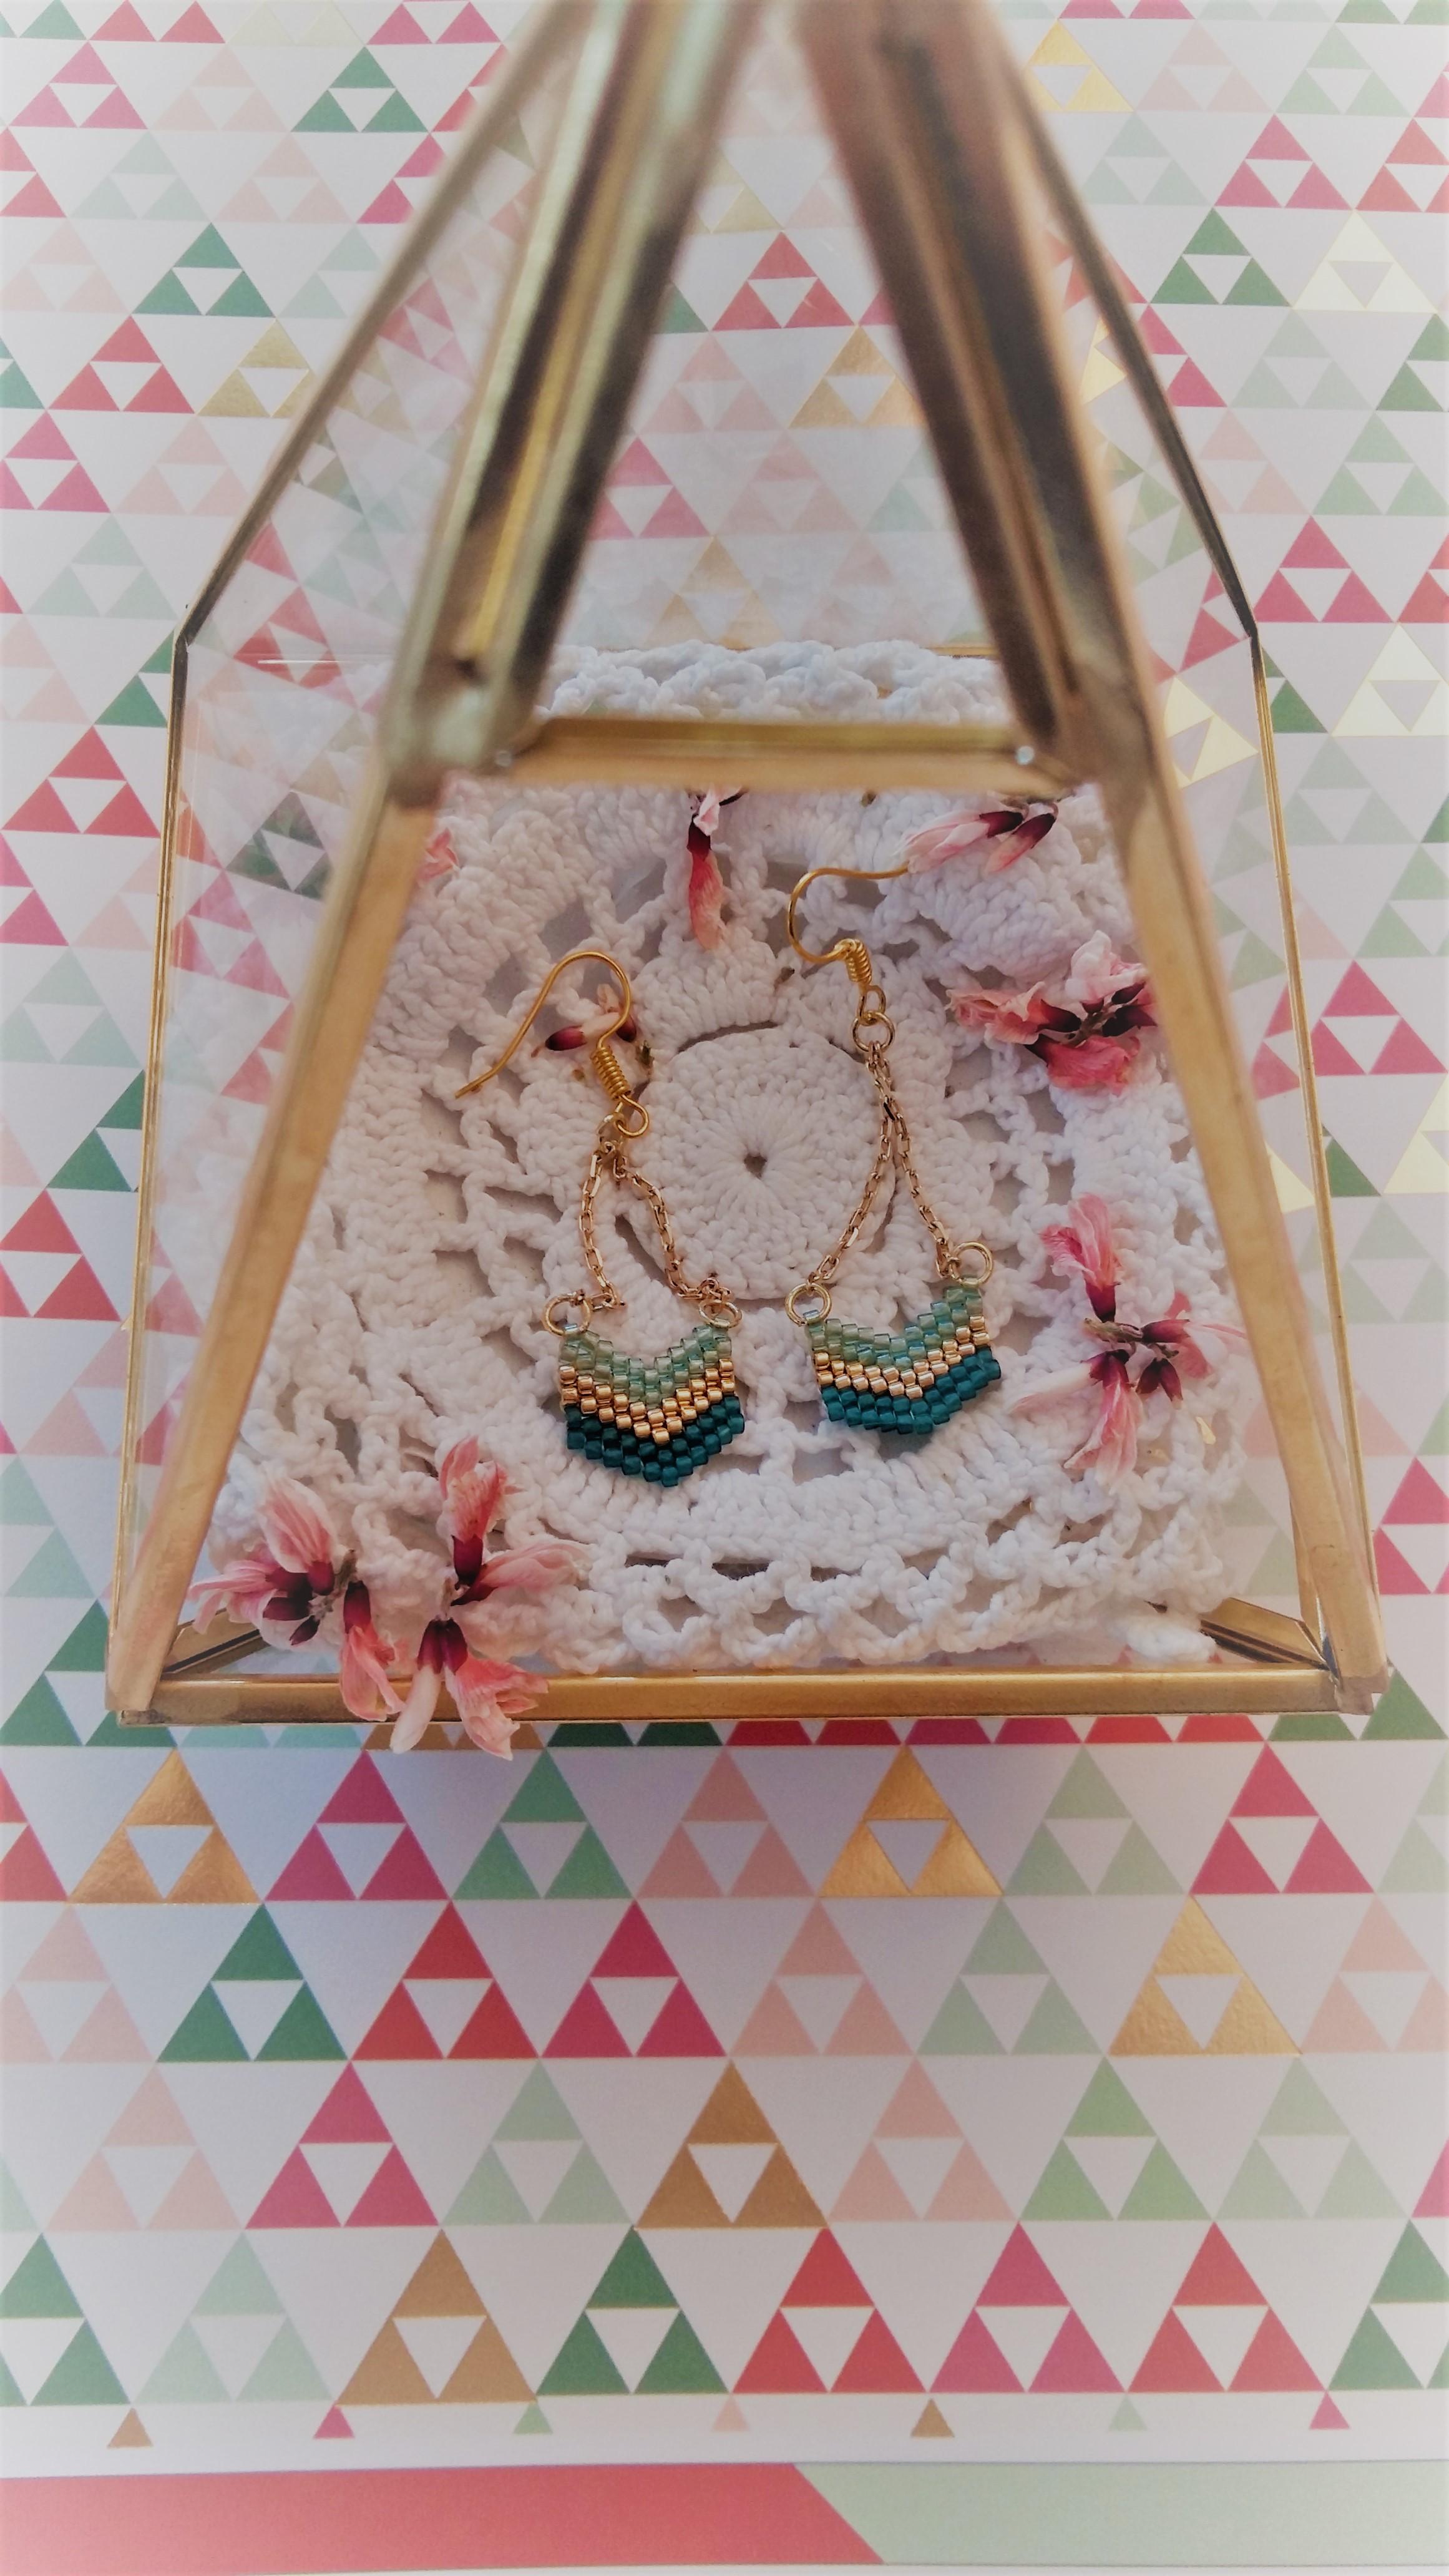 Createur De Bijoux Fantaisie Toulouse : Miscreaciones toulouse france cr?ations de bijoux fantaisie